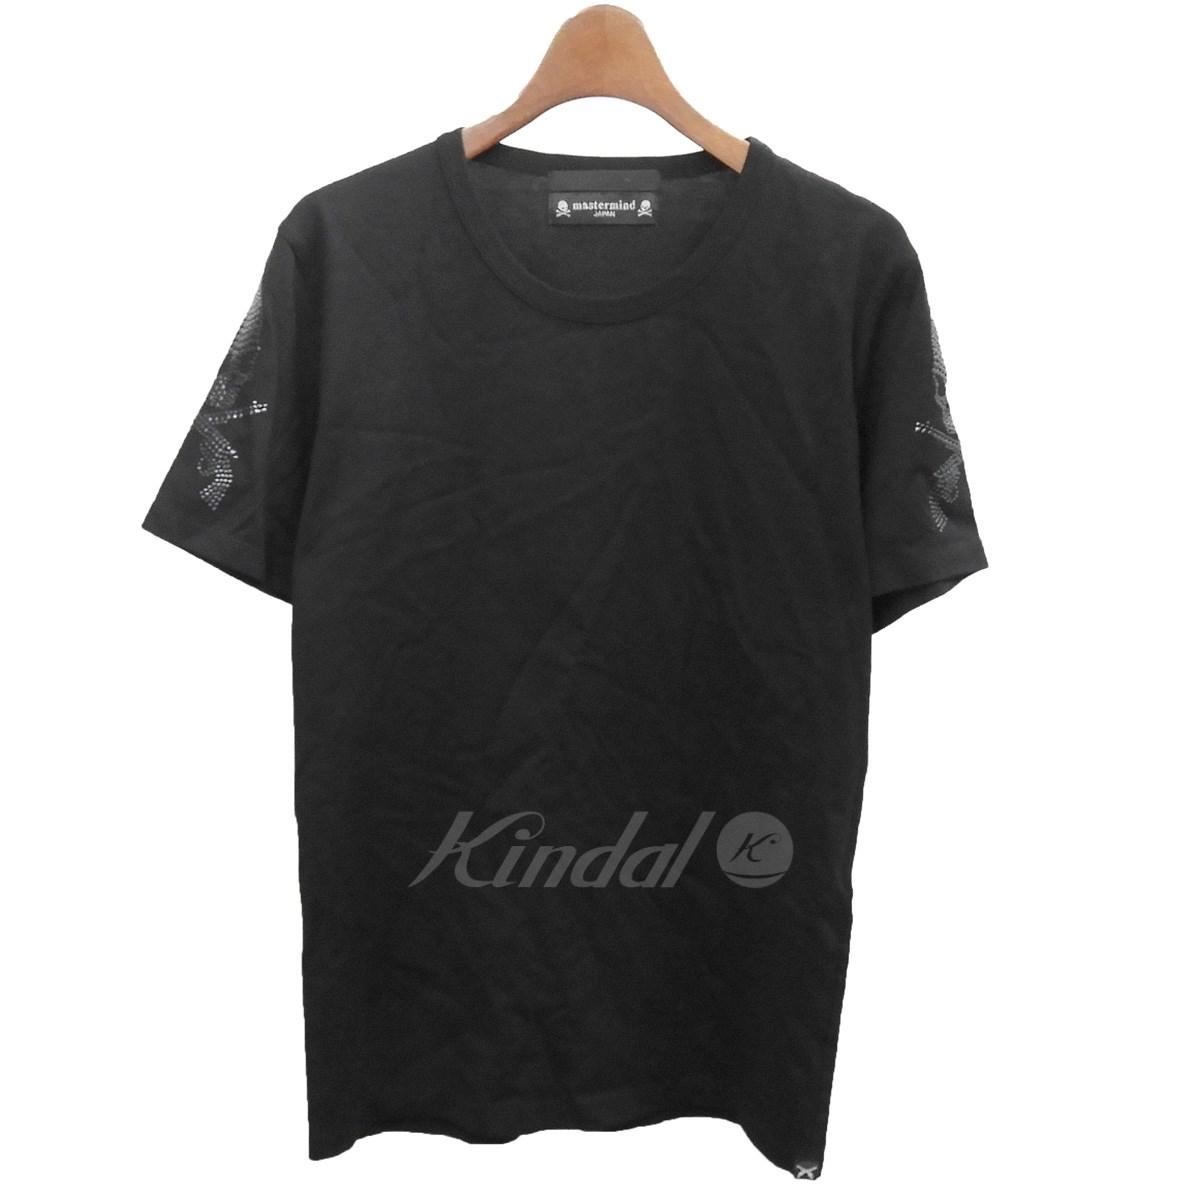 【中古】Mastermind JAPAN×roar 肩メタルTシャツ ブラック サイズ:2 【送料無料】 【141018】(マスターマインドジャパン×ロアー)